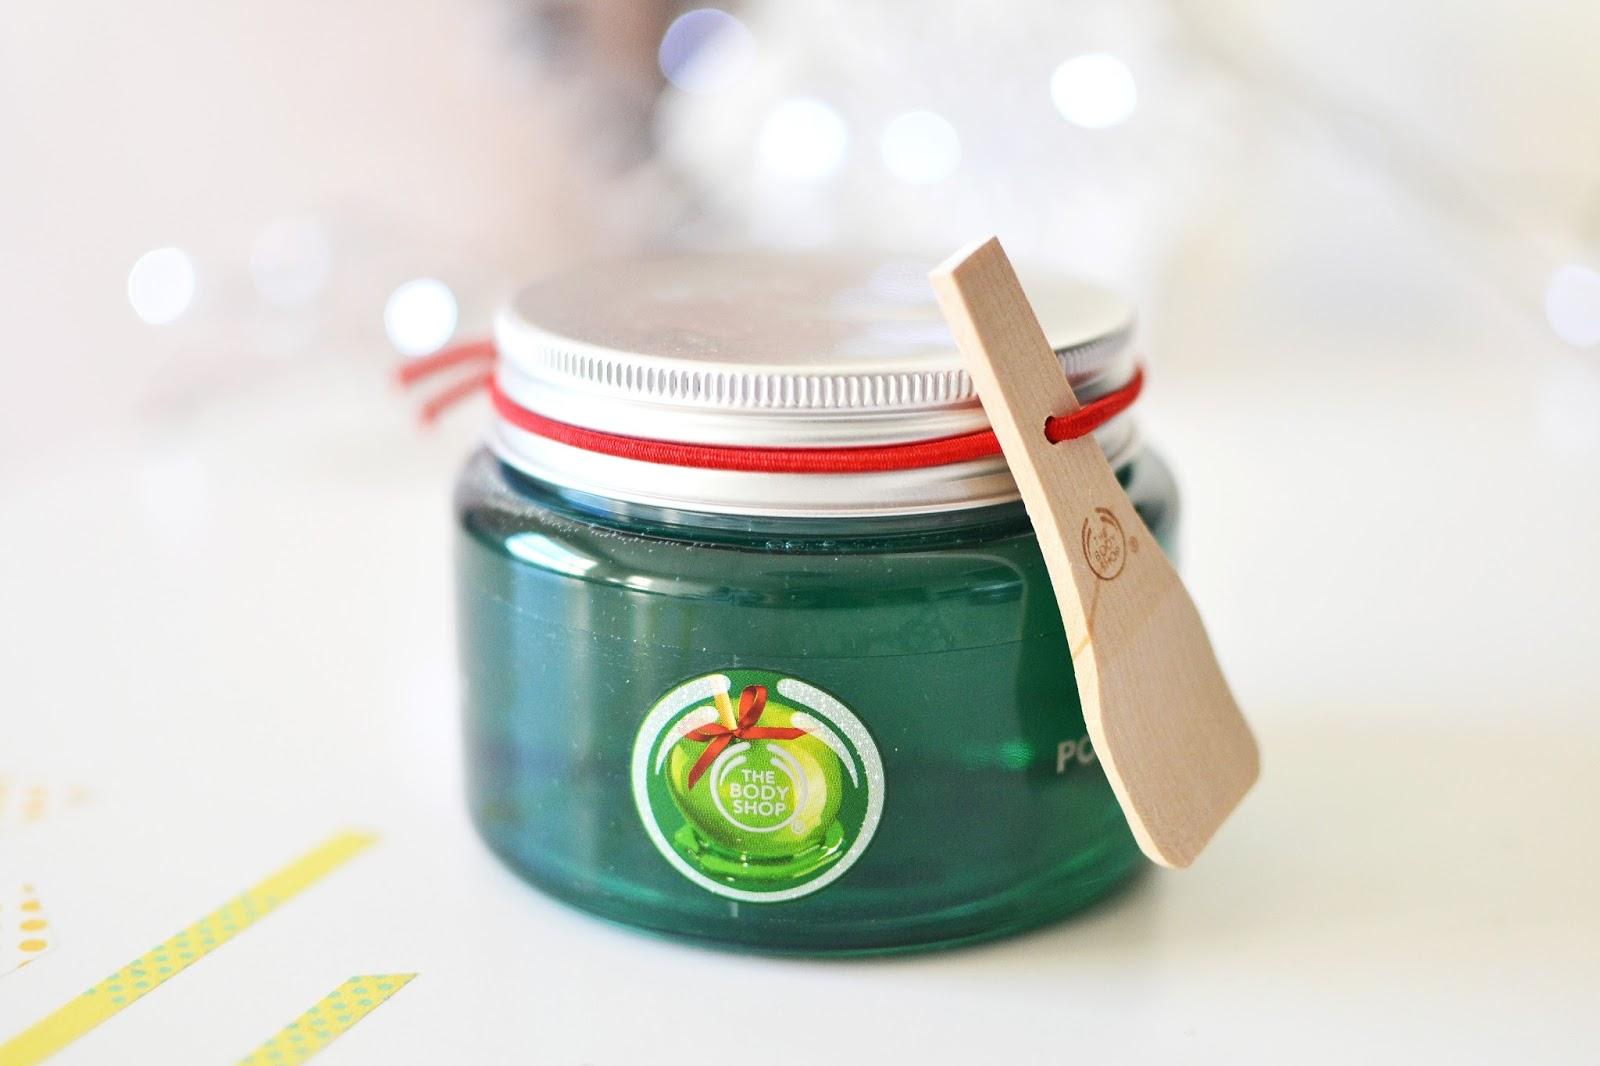 the body shop glazed apple, glazed apple bath jelly